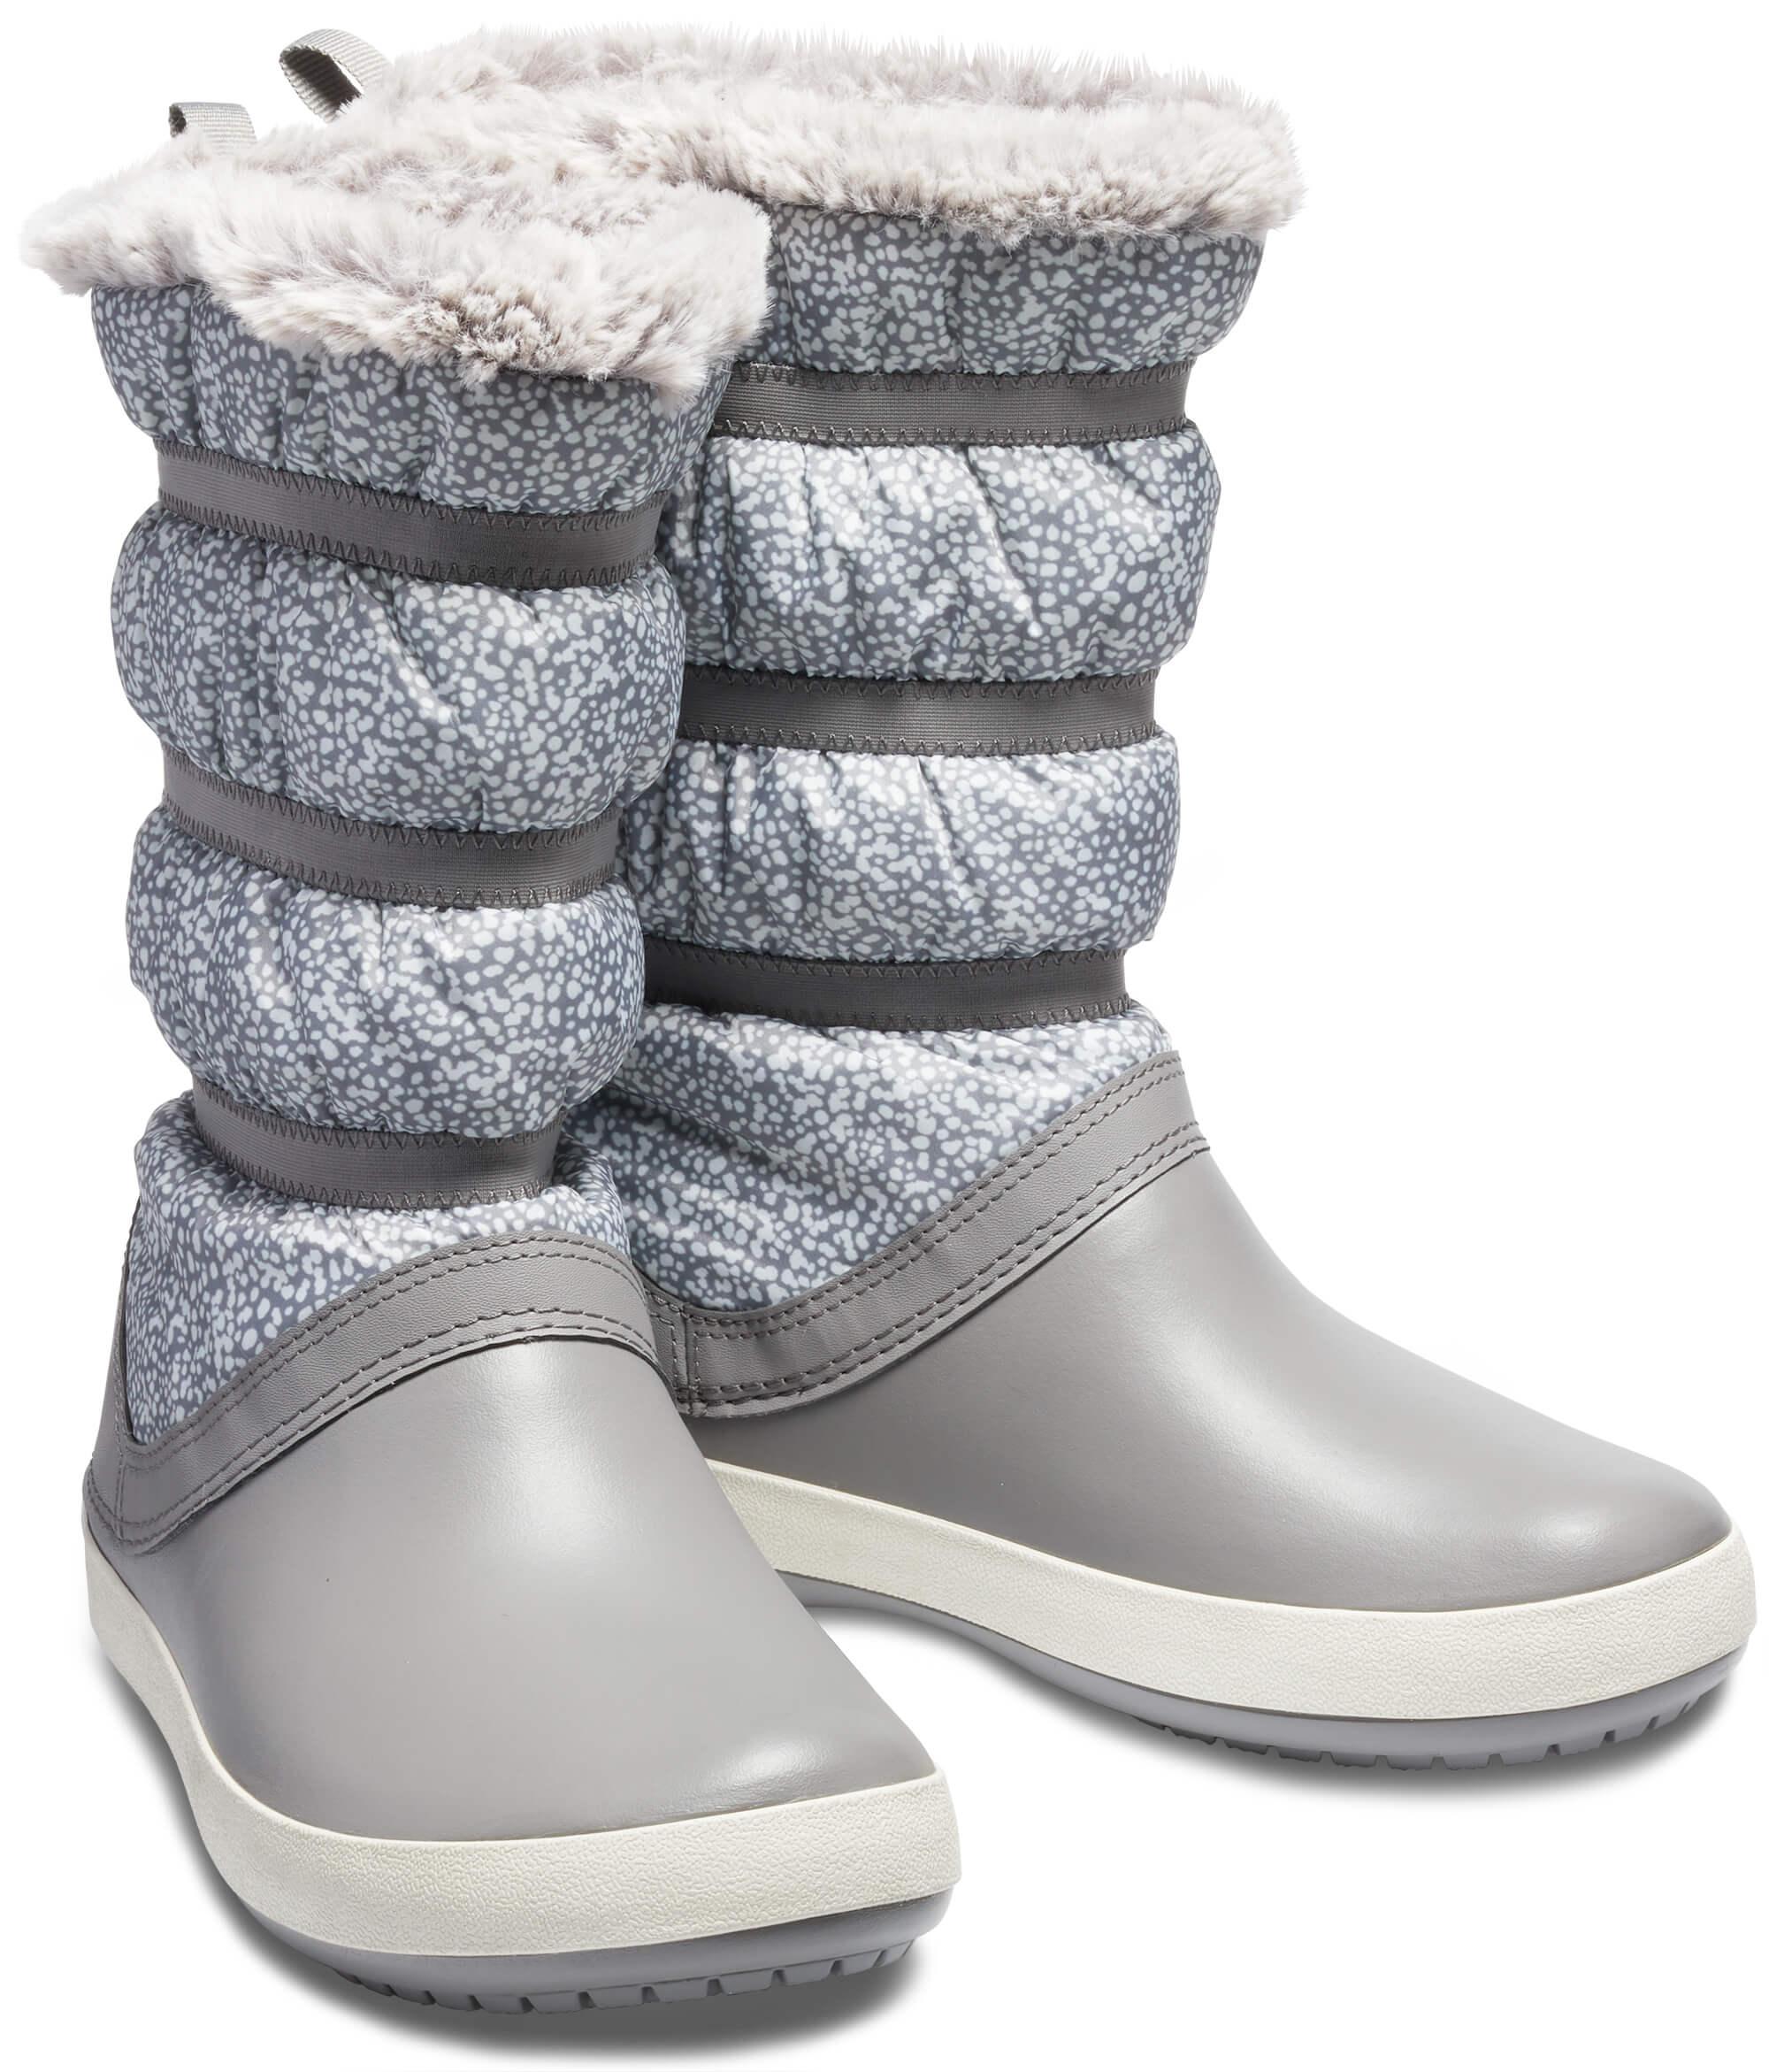 Crocs Dámské sněhule Crocband Winter Boot 205314-998 Doprava ZDARMA ... e2e4ccd04a